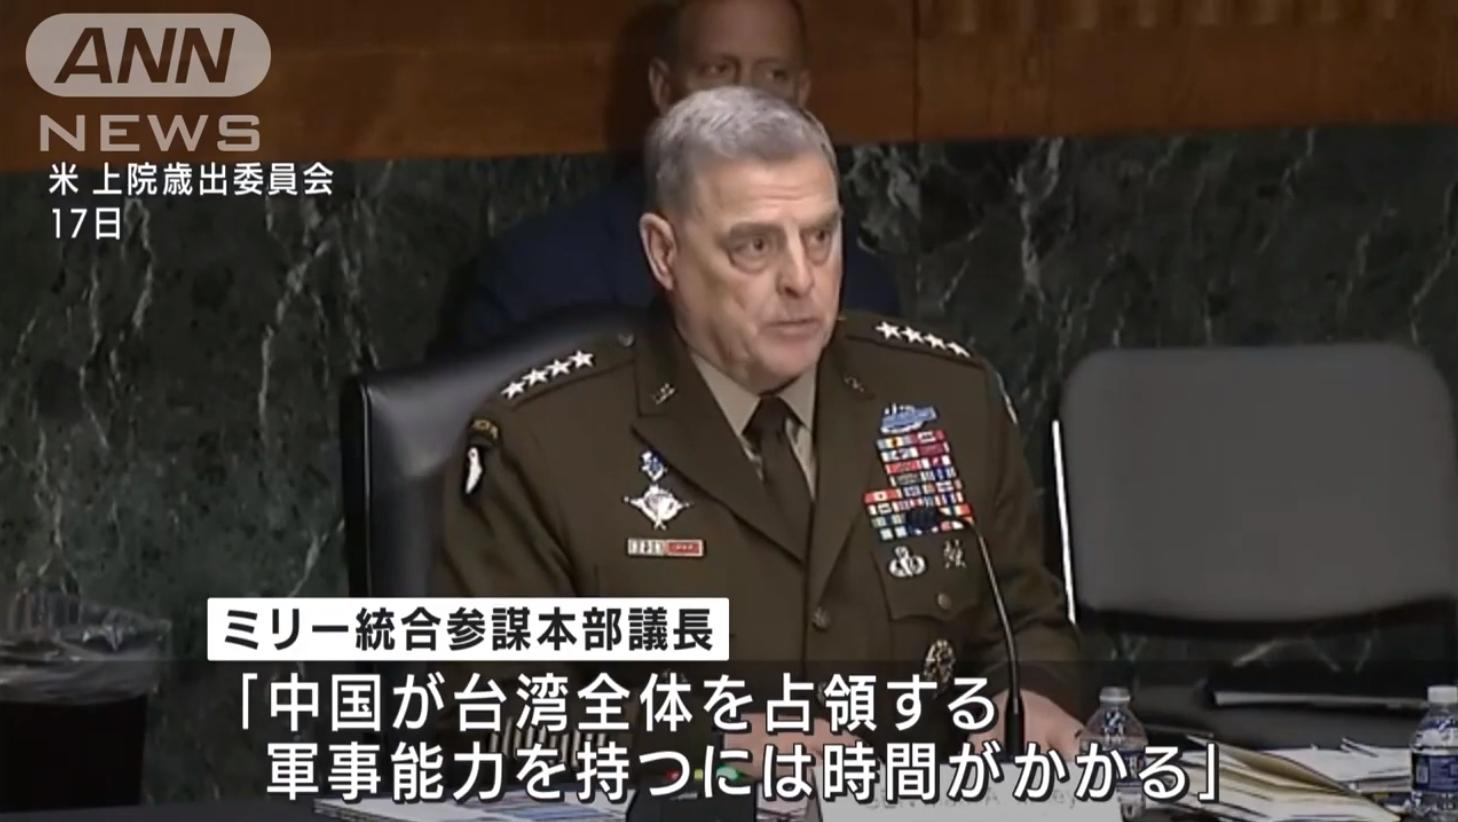 テレビ朝日「台湾侵攻の可能性低い」